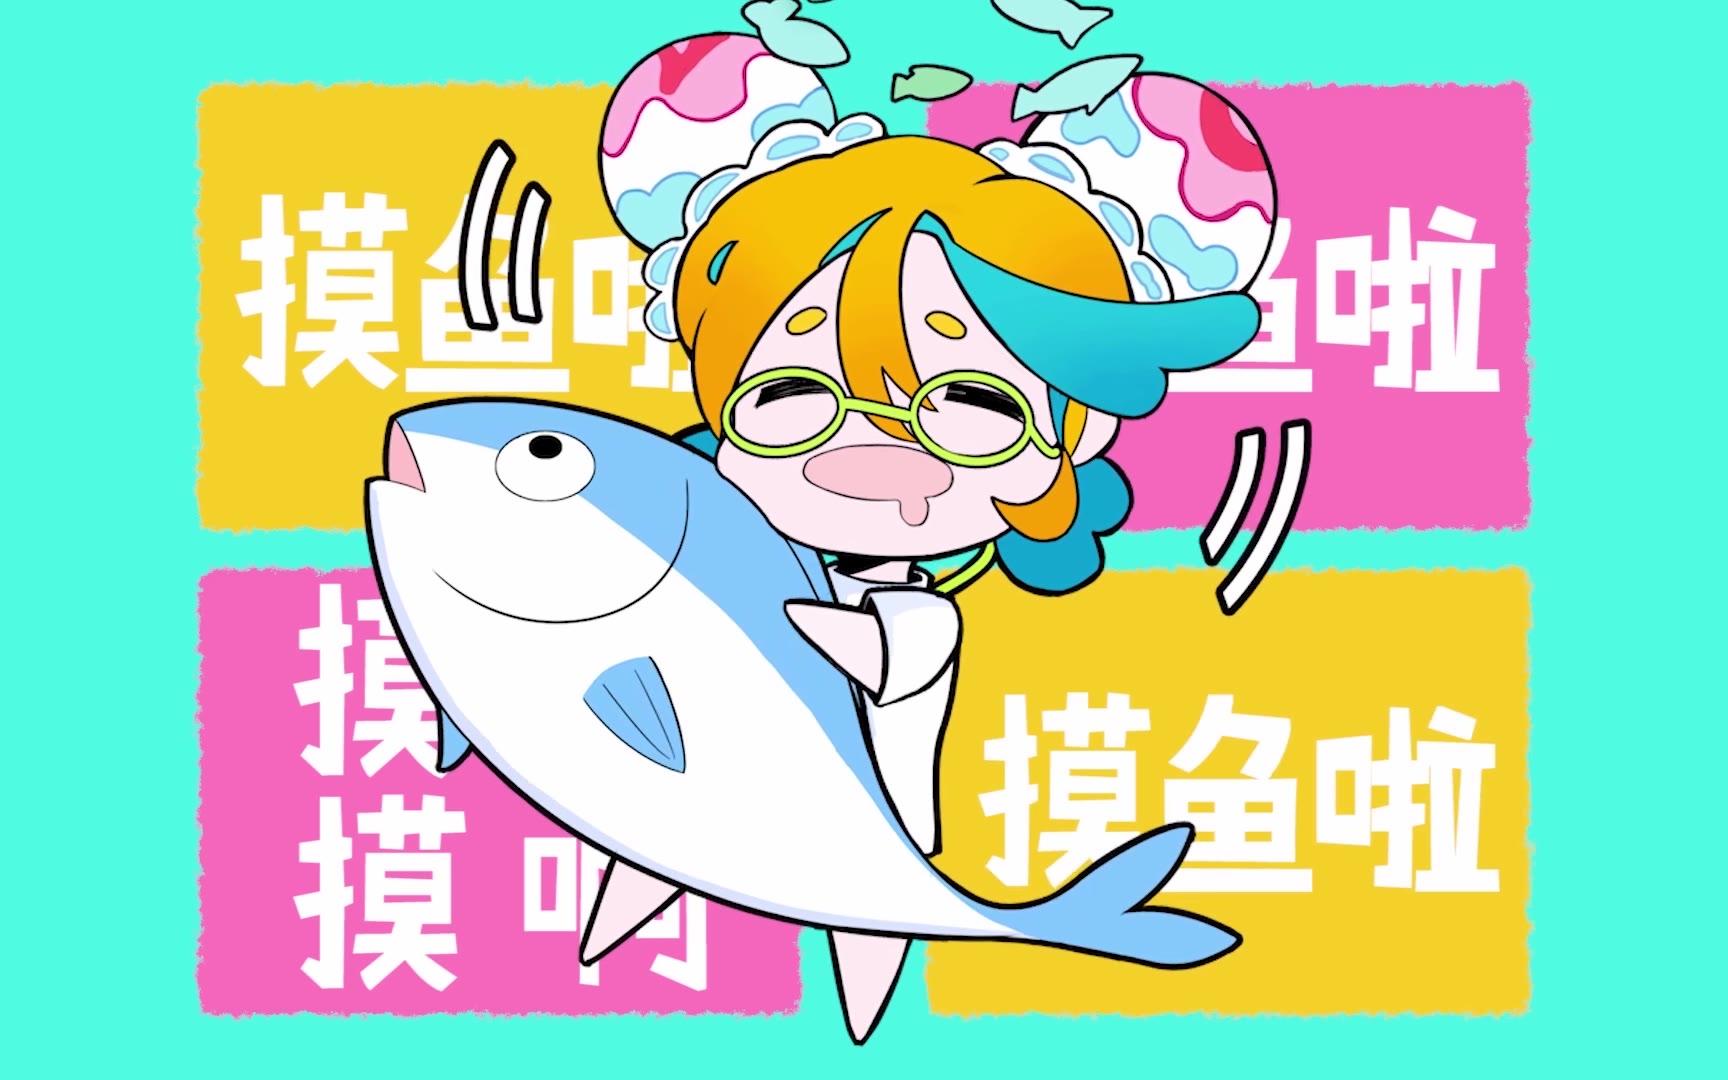 【AC摸鱼日记】杏兄妹の一周摸鱼日记